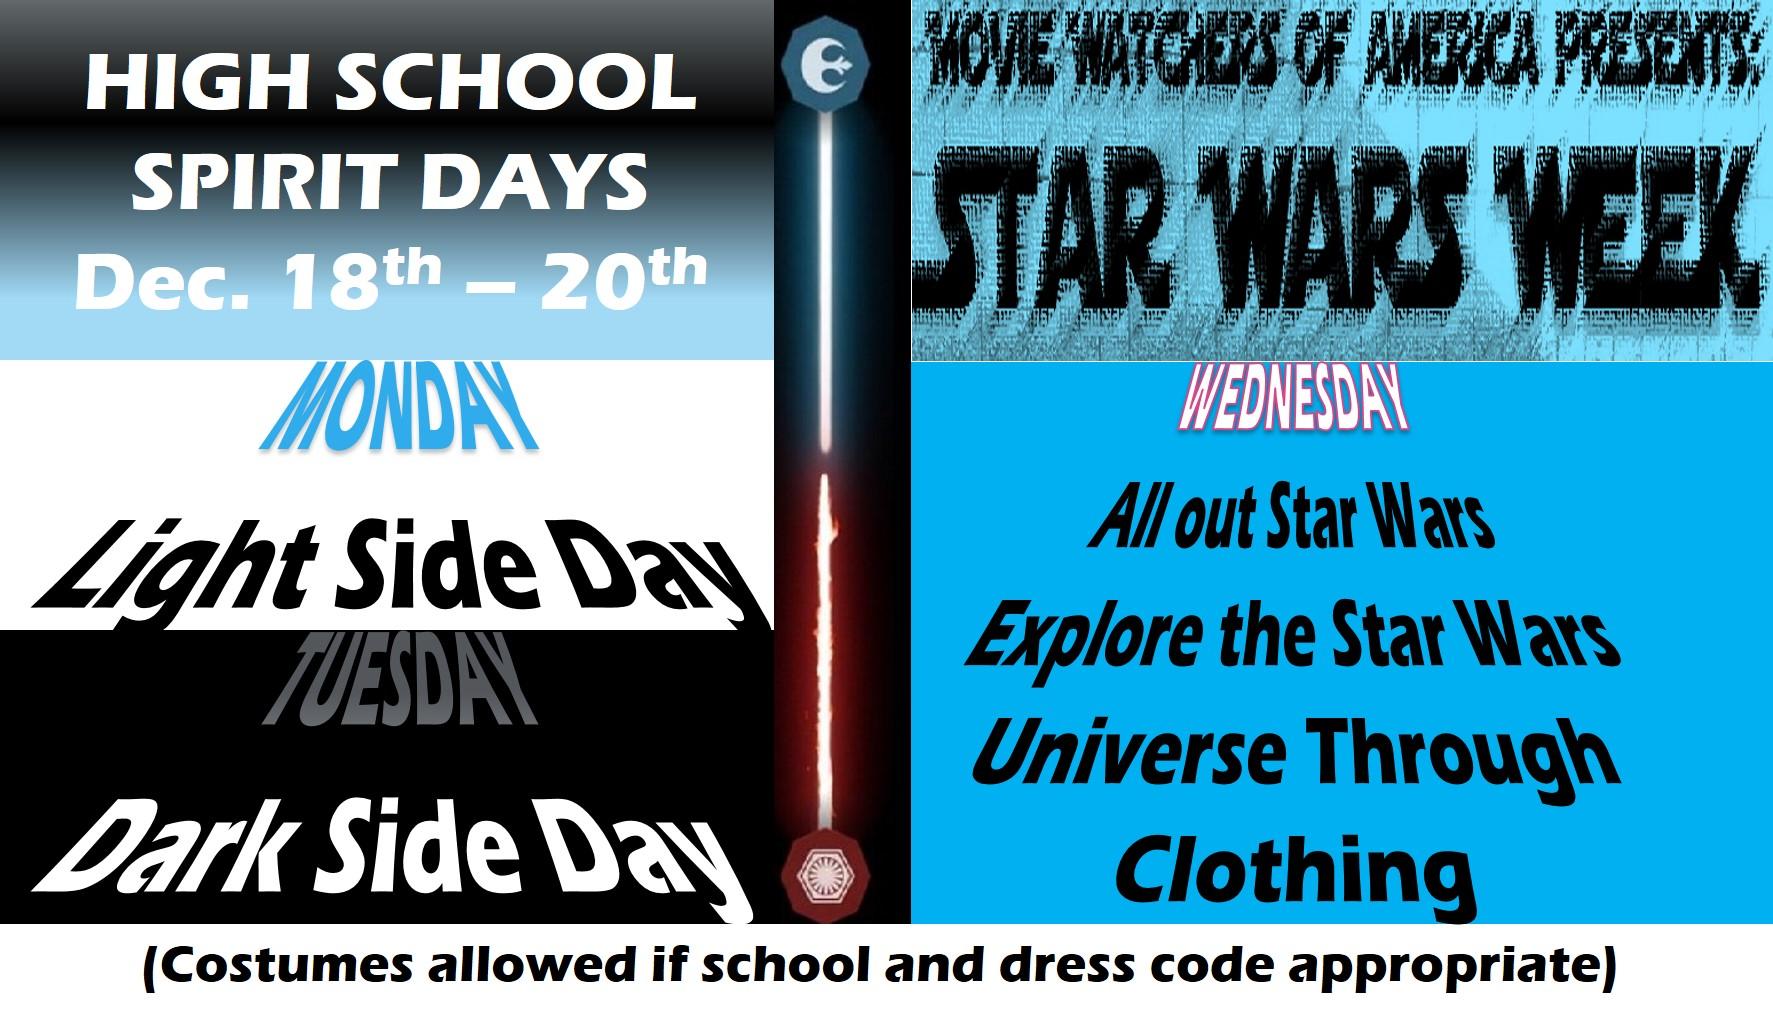 hs-star-wars-spirit-day.jpg